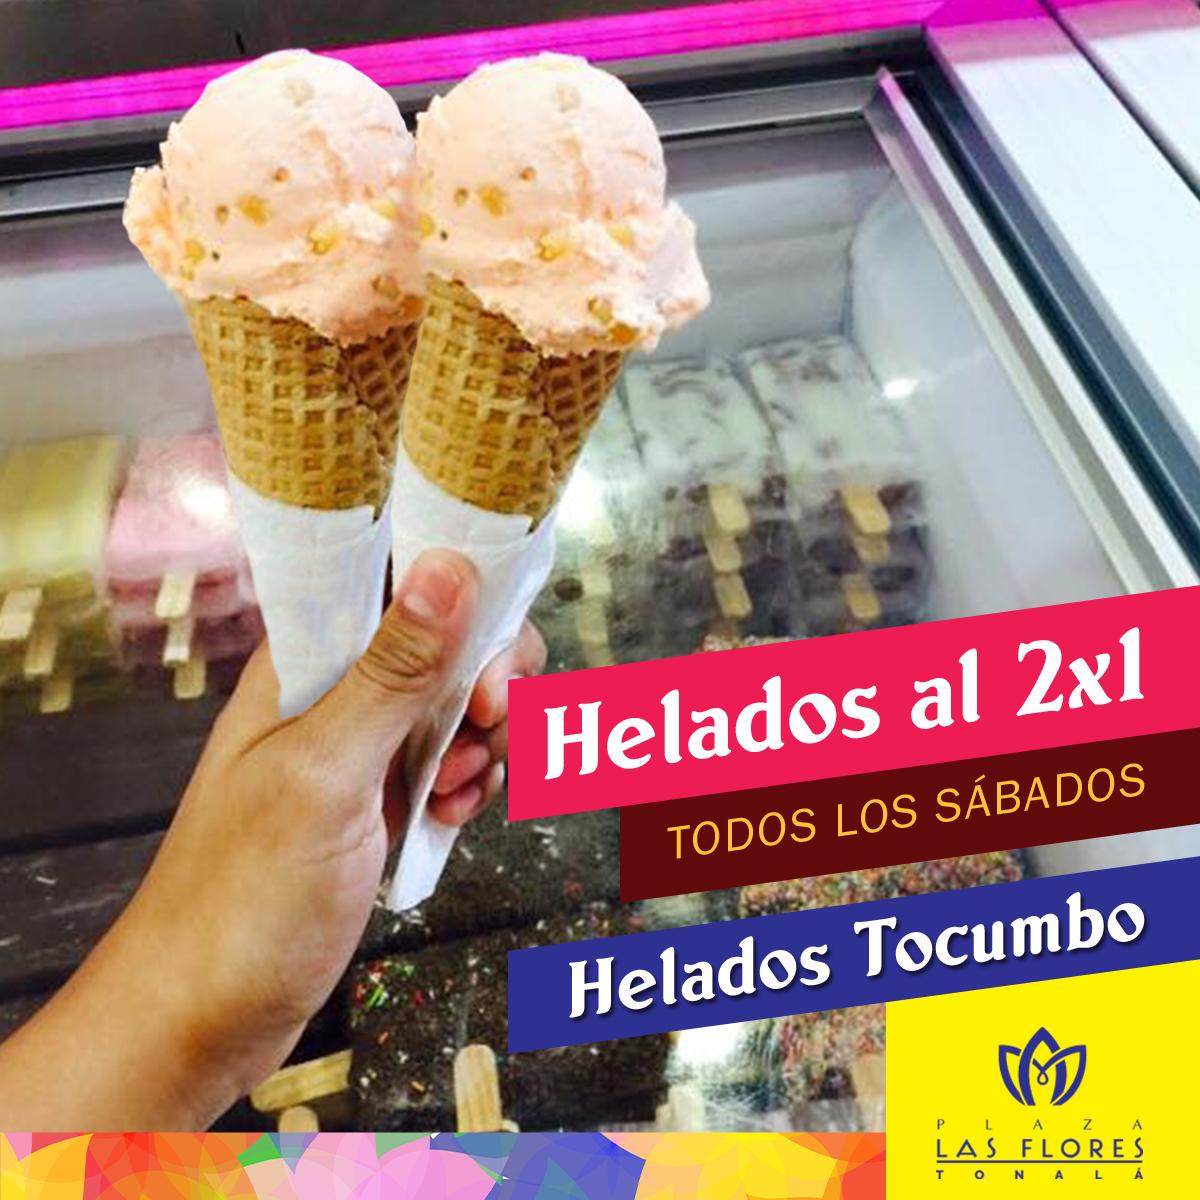 LasFlores-PromTonala-HeladosTocumbo copy